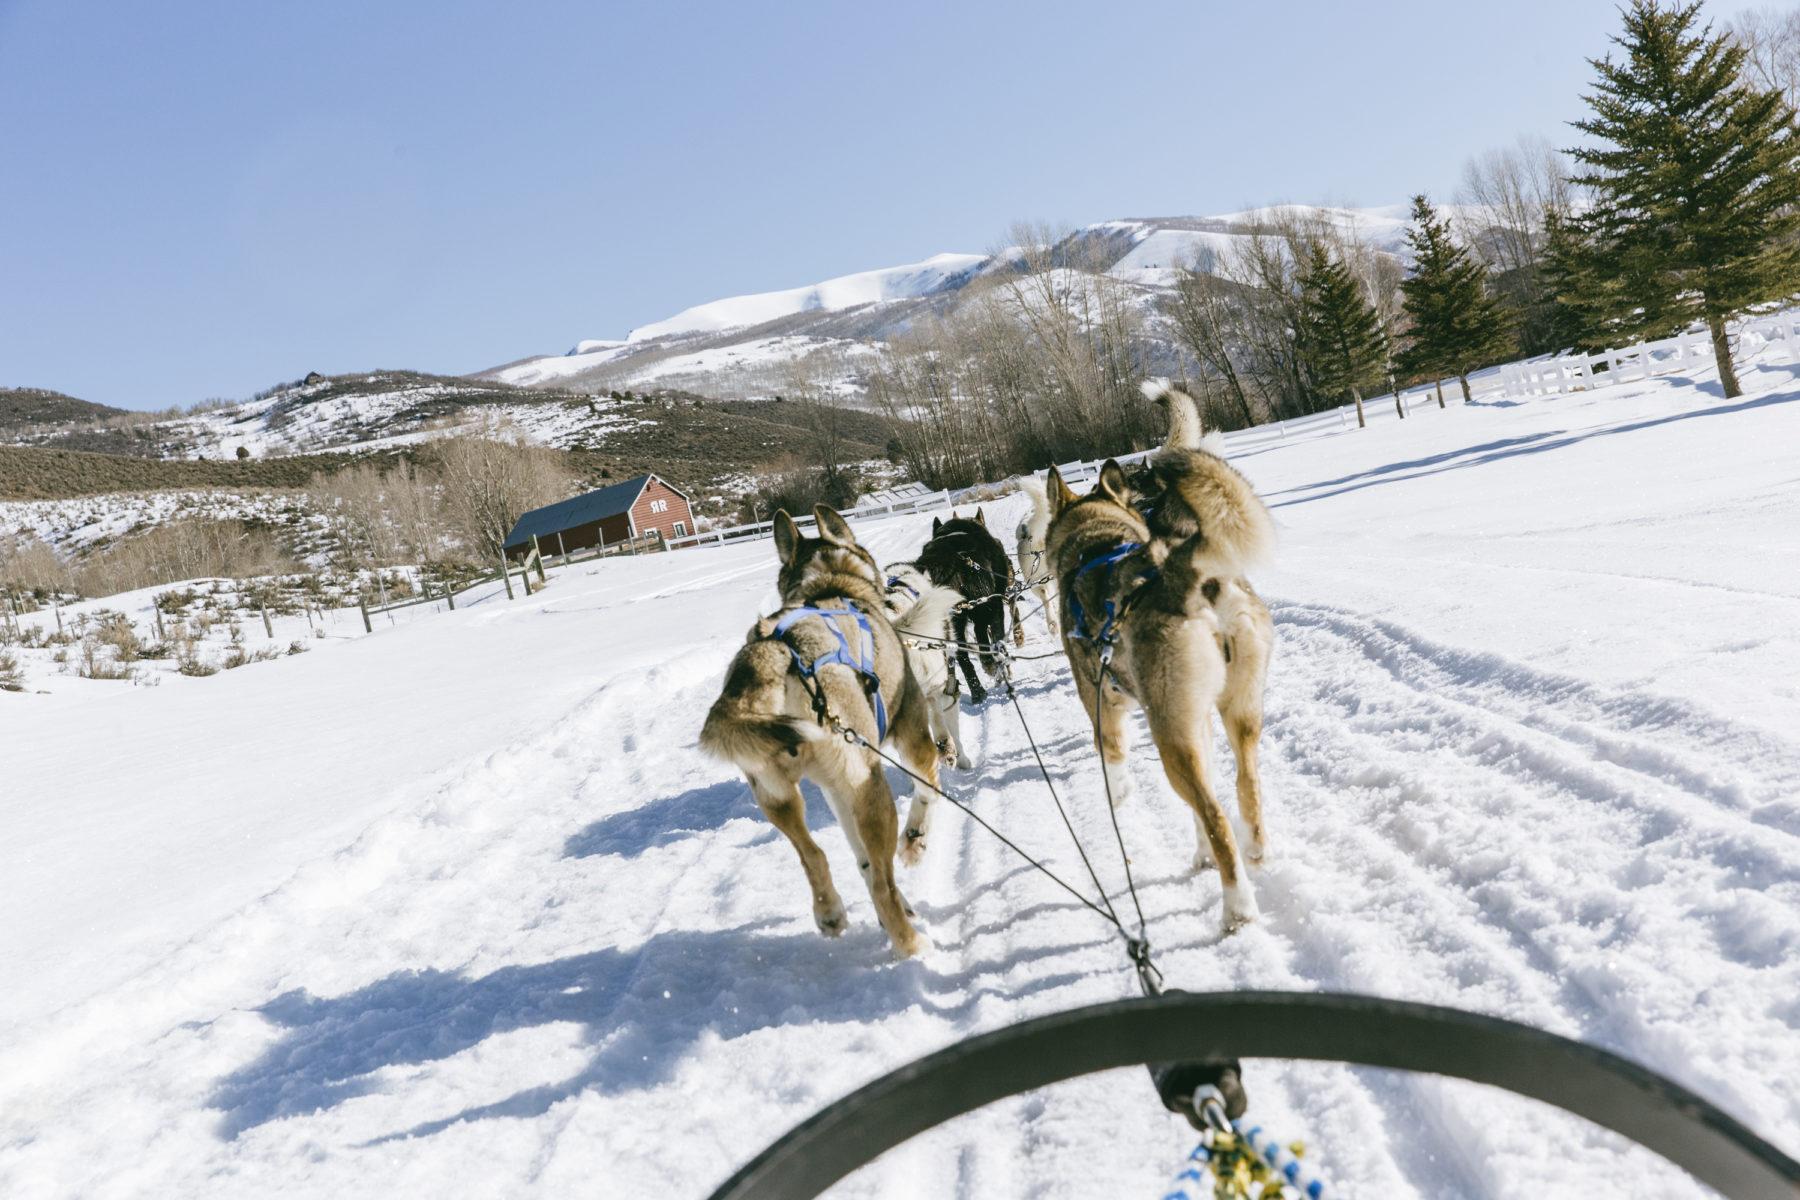 marriott-dog-sledding-utah-2016-0373